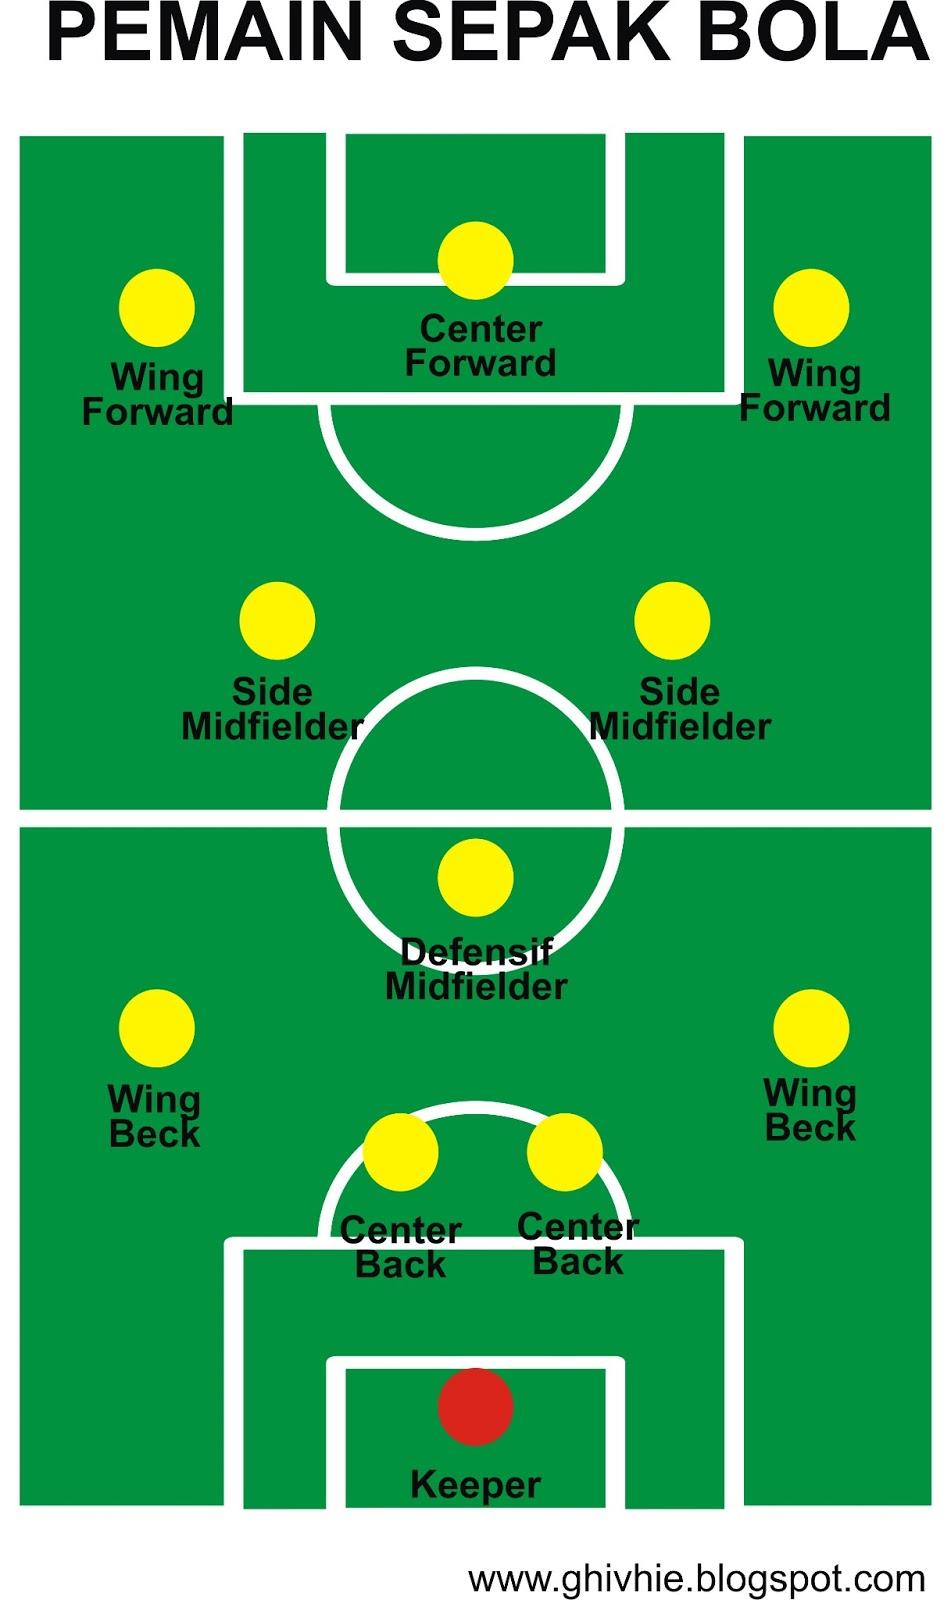 10 Teknik Dasar Sepak Bola dan Penjelasannya - Tokopedia Blog